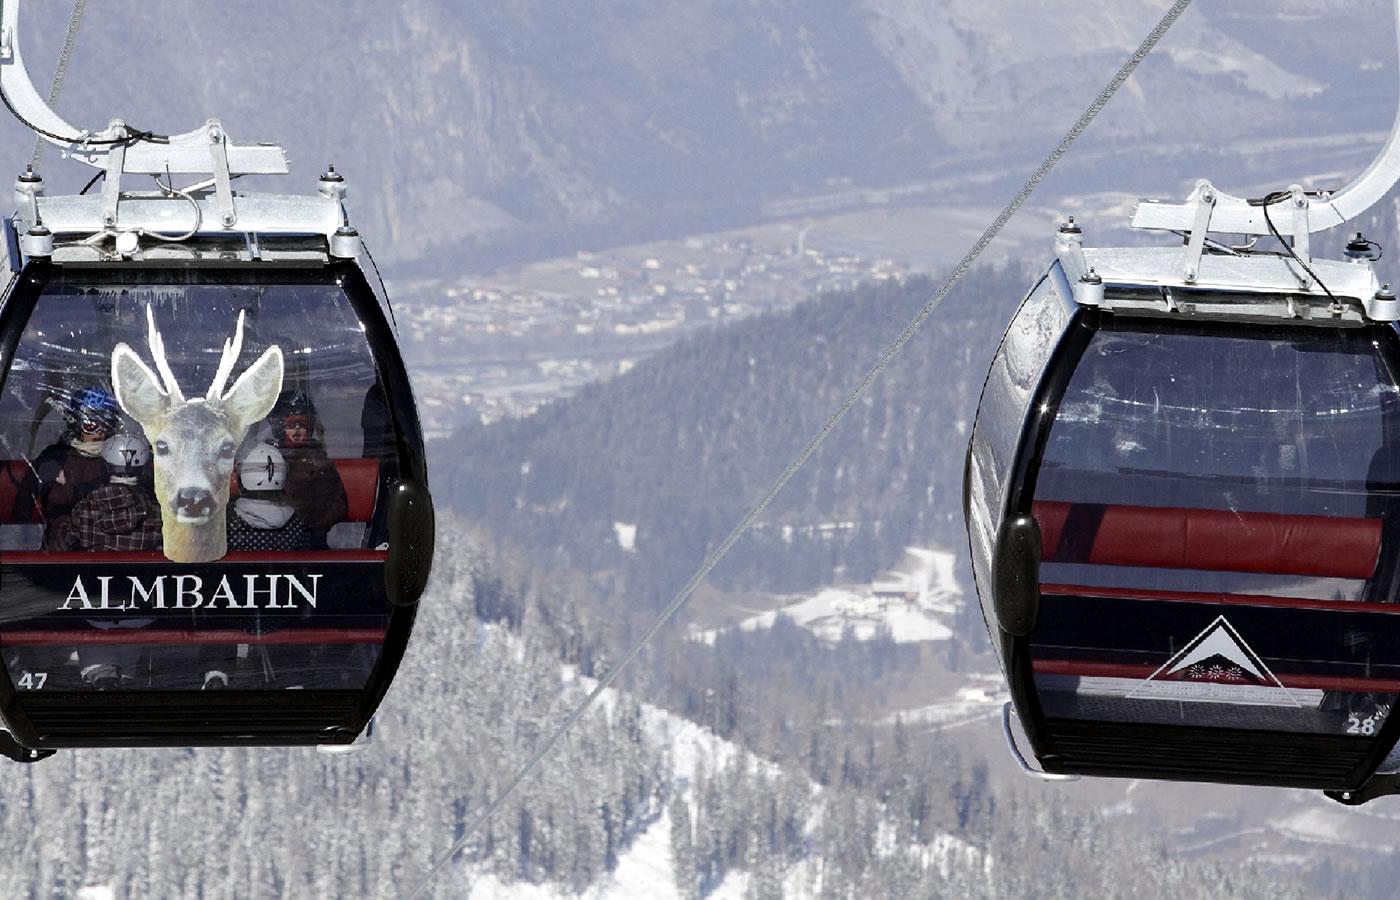 Almbahn in Serfaus-Fiss-Ladis in Tirol, Österreich.